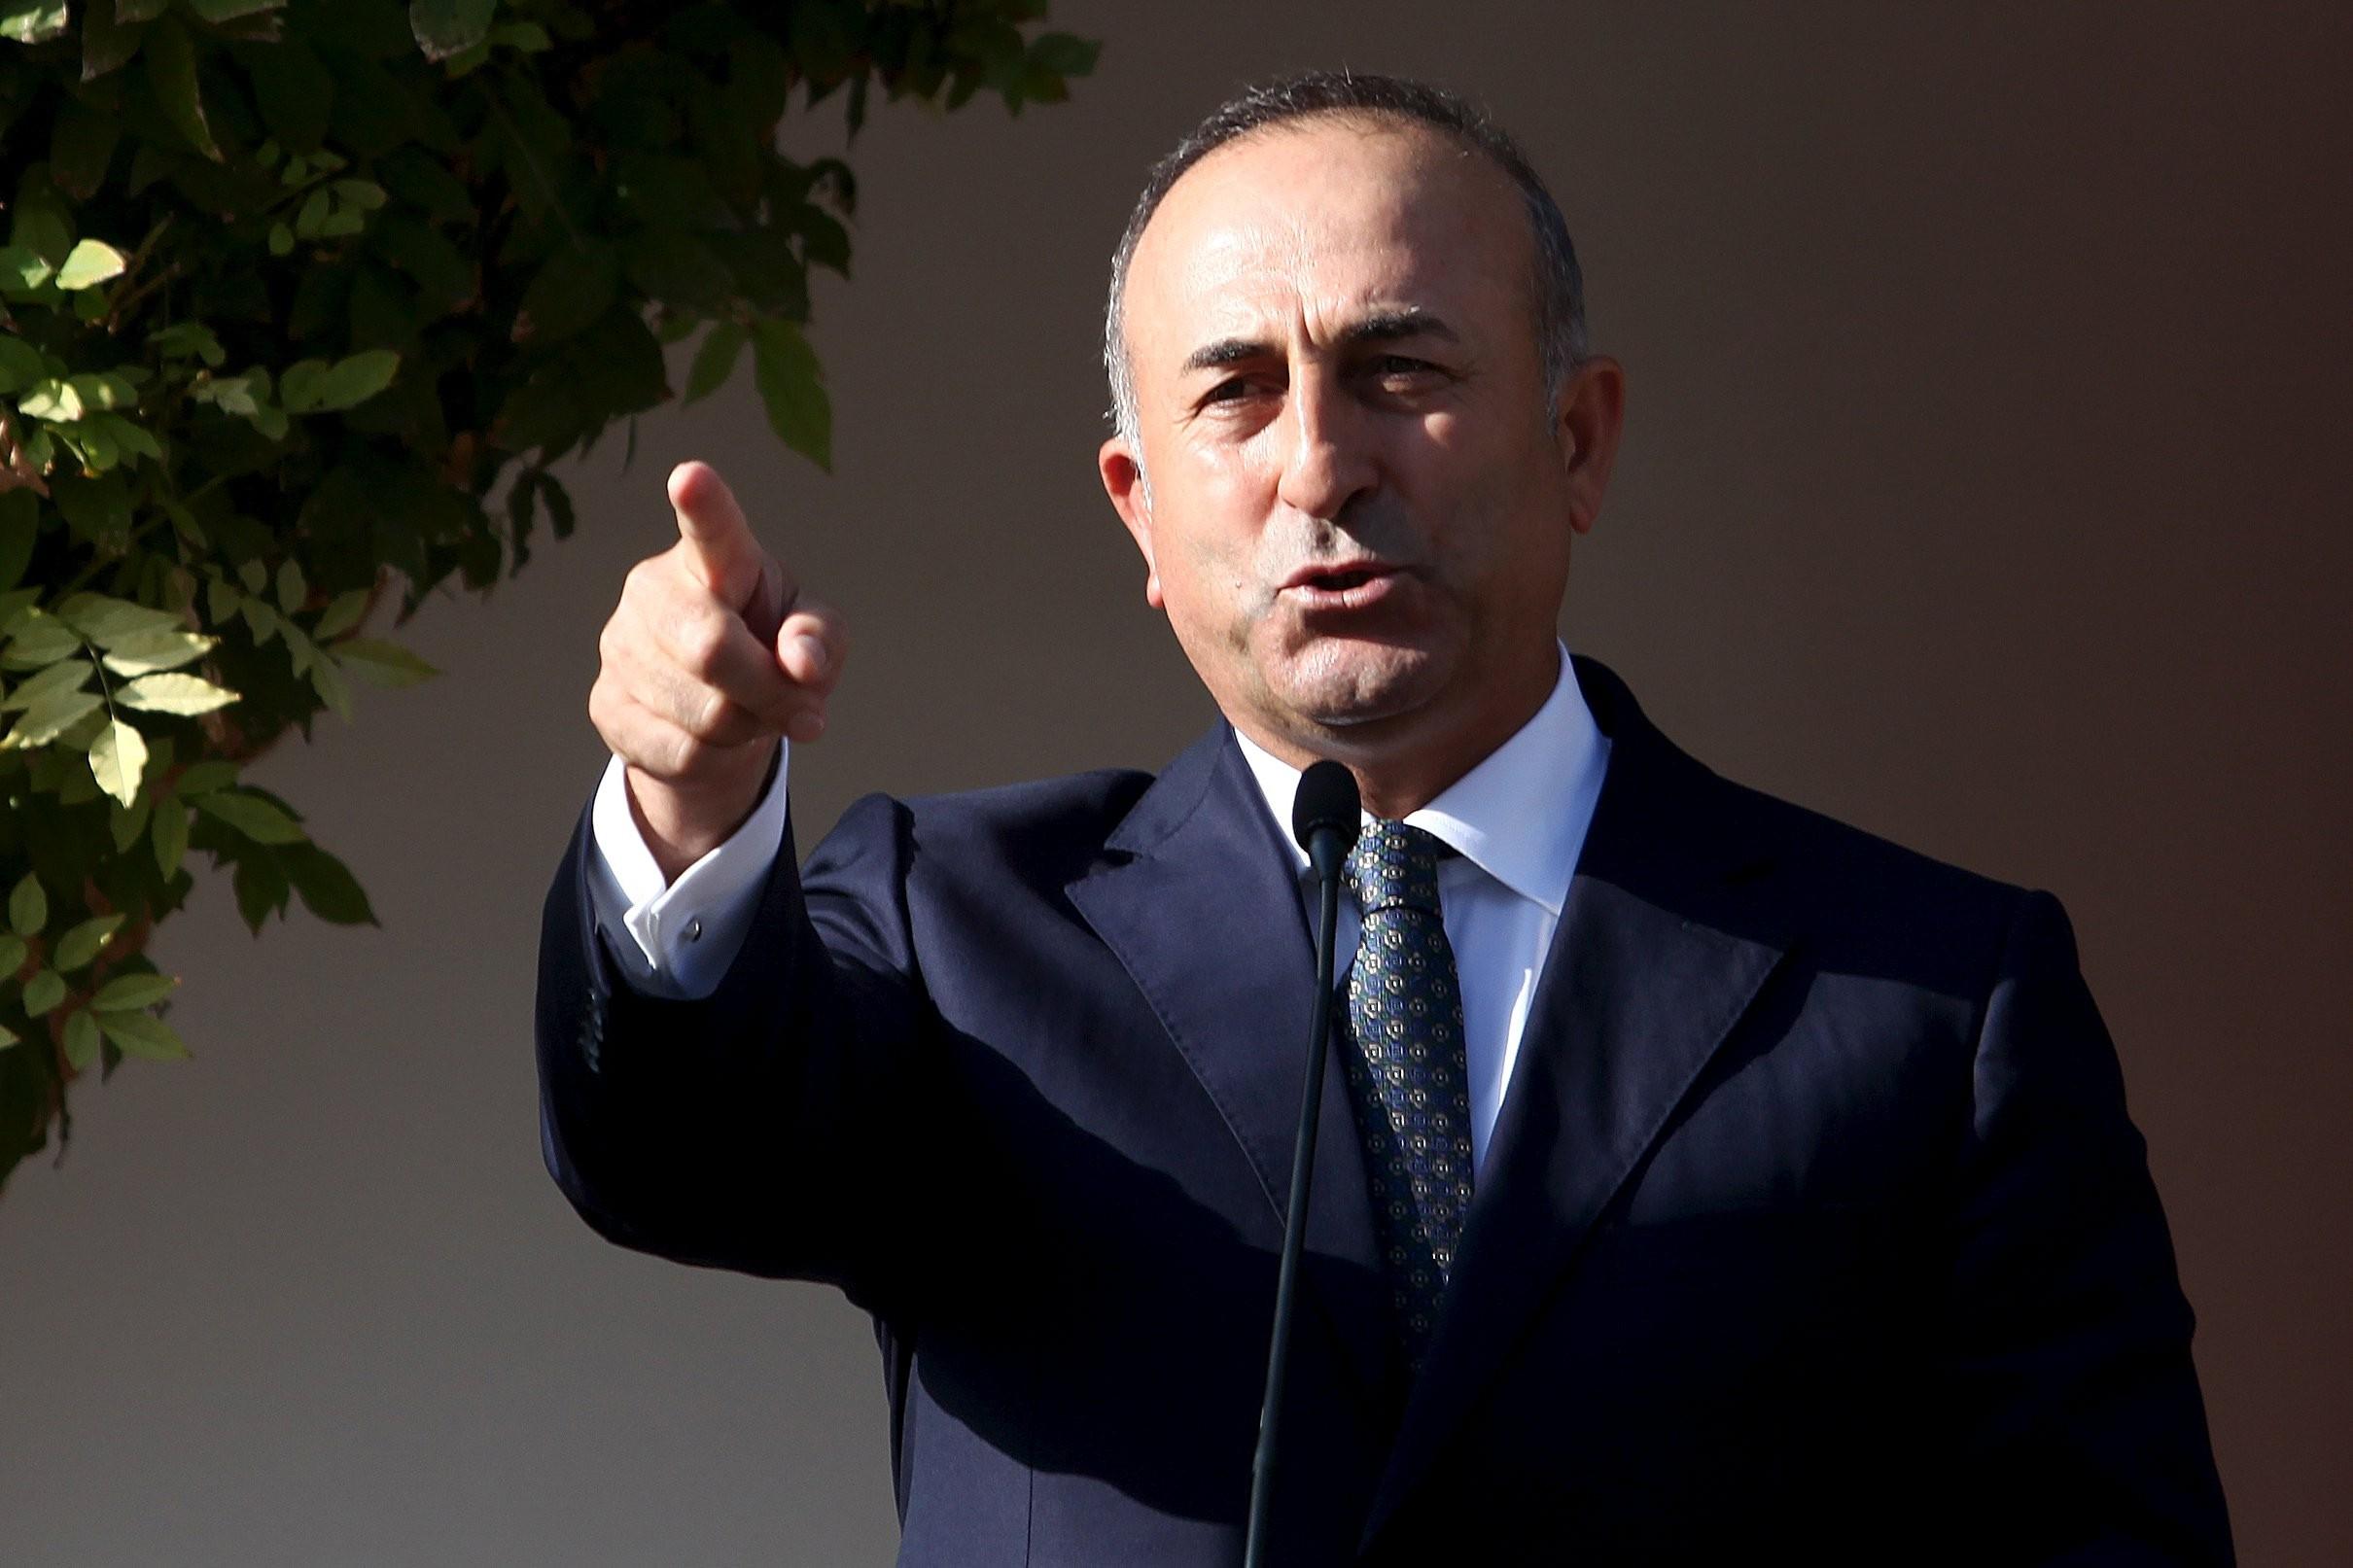 Руководитель МИД Турции Чавушоглу объявил, что неподдерживает аннексию земель Украины Россией